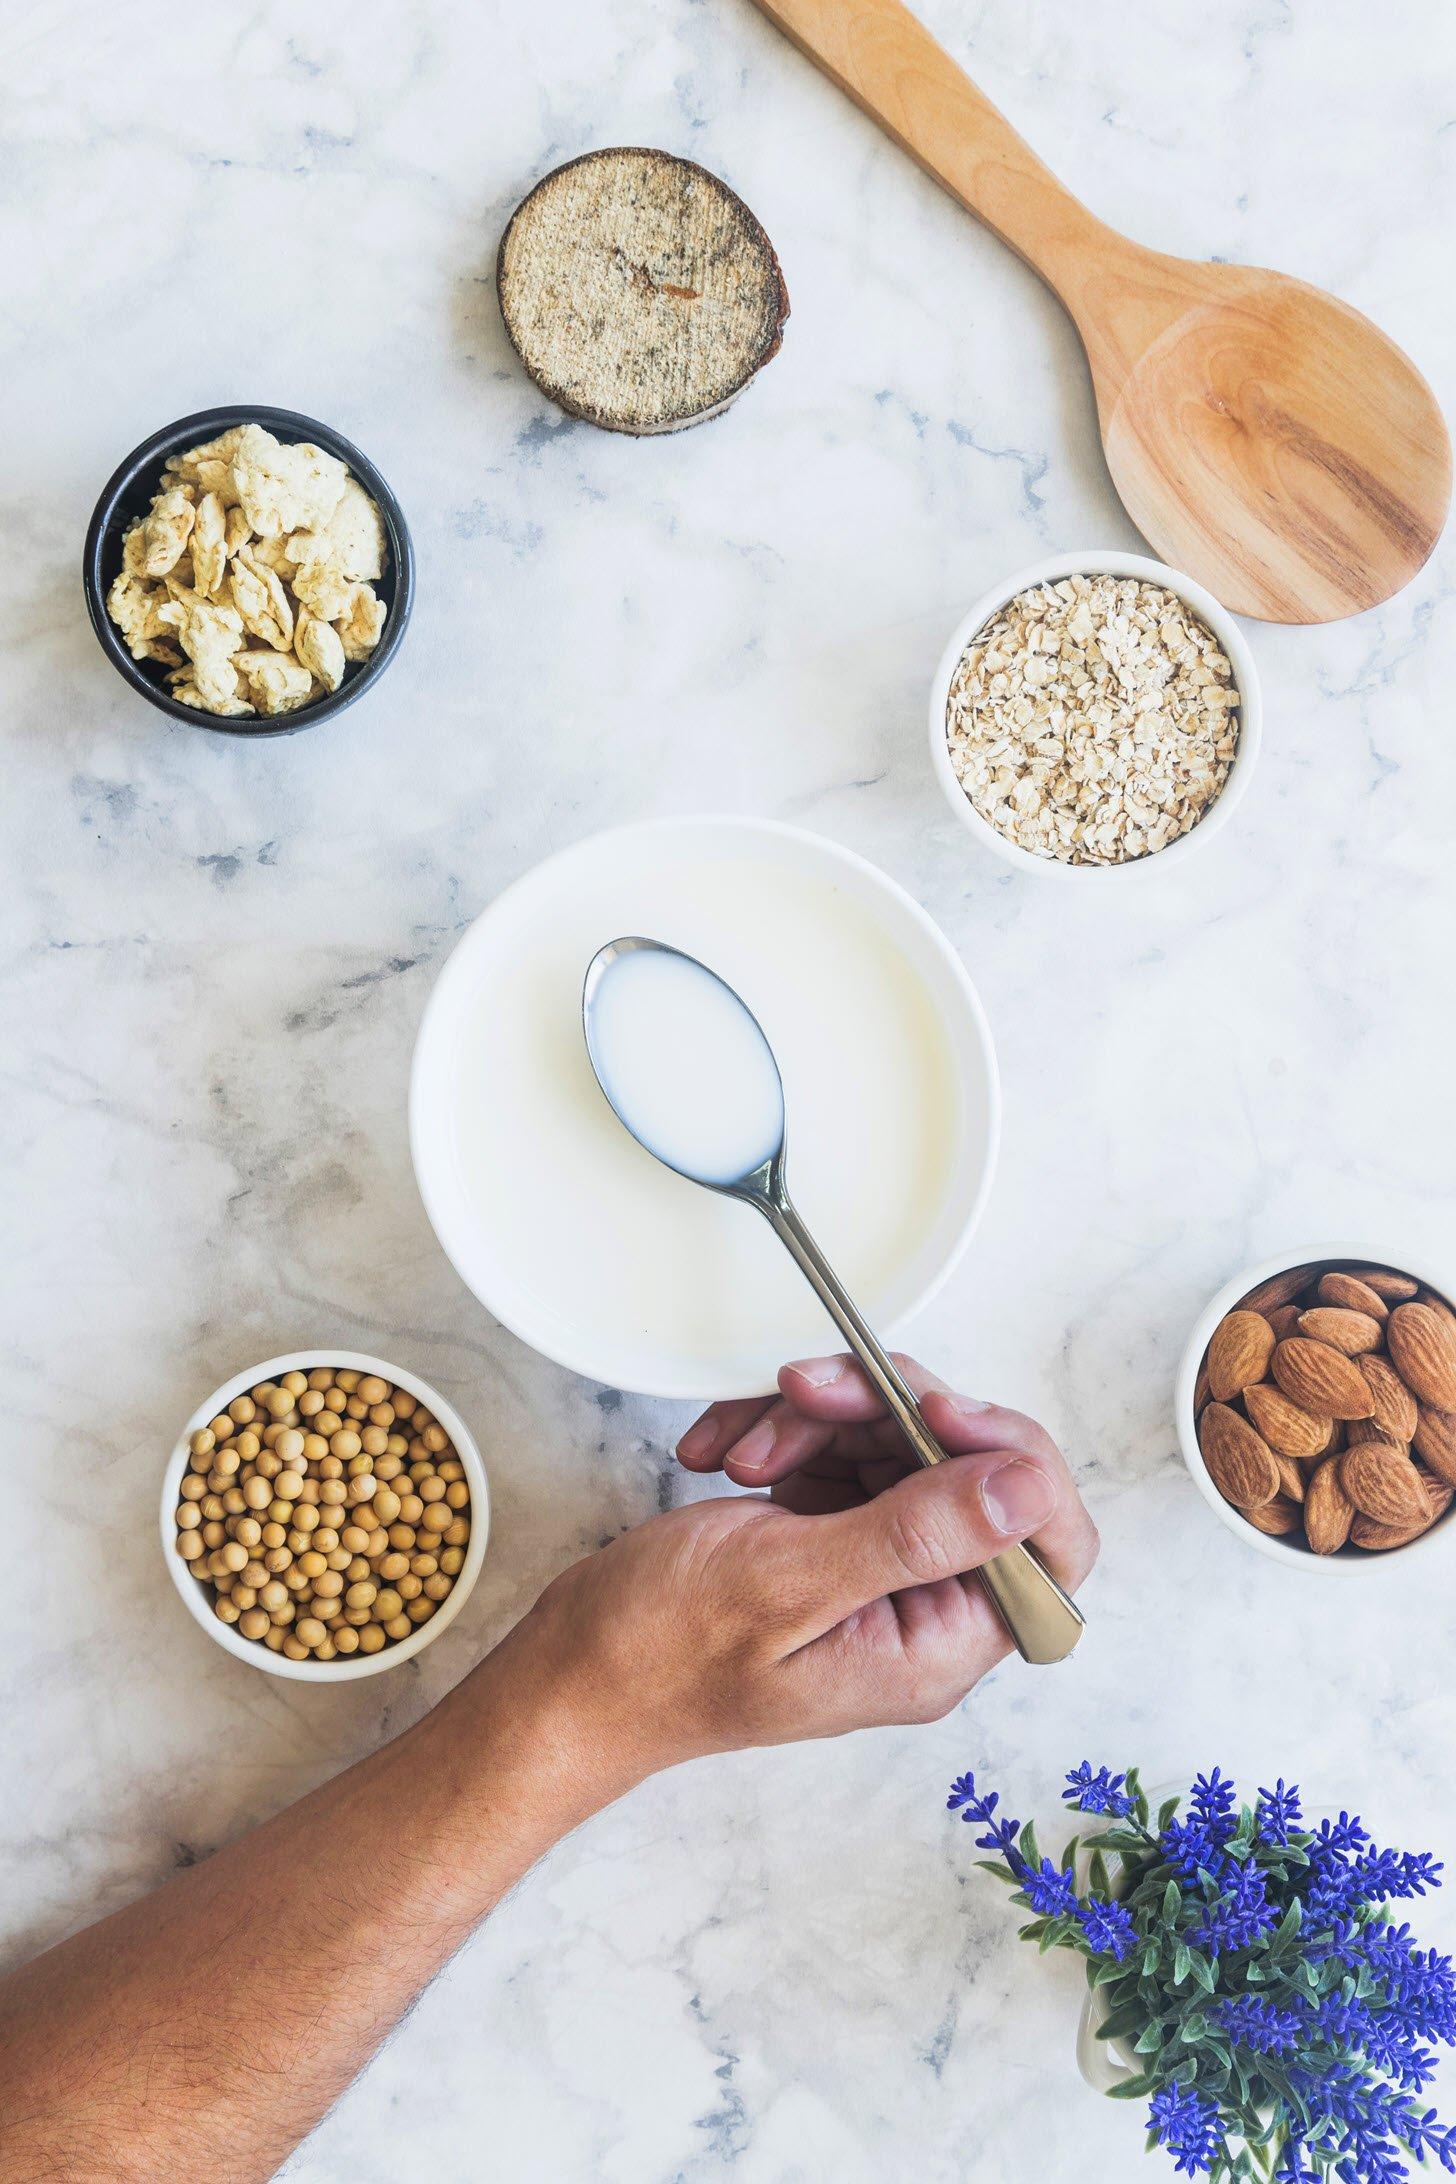 Diet and Health Regimens